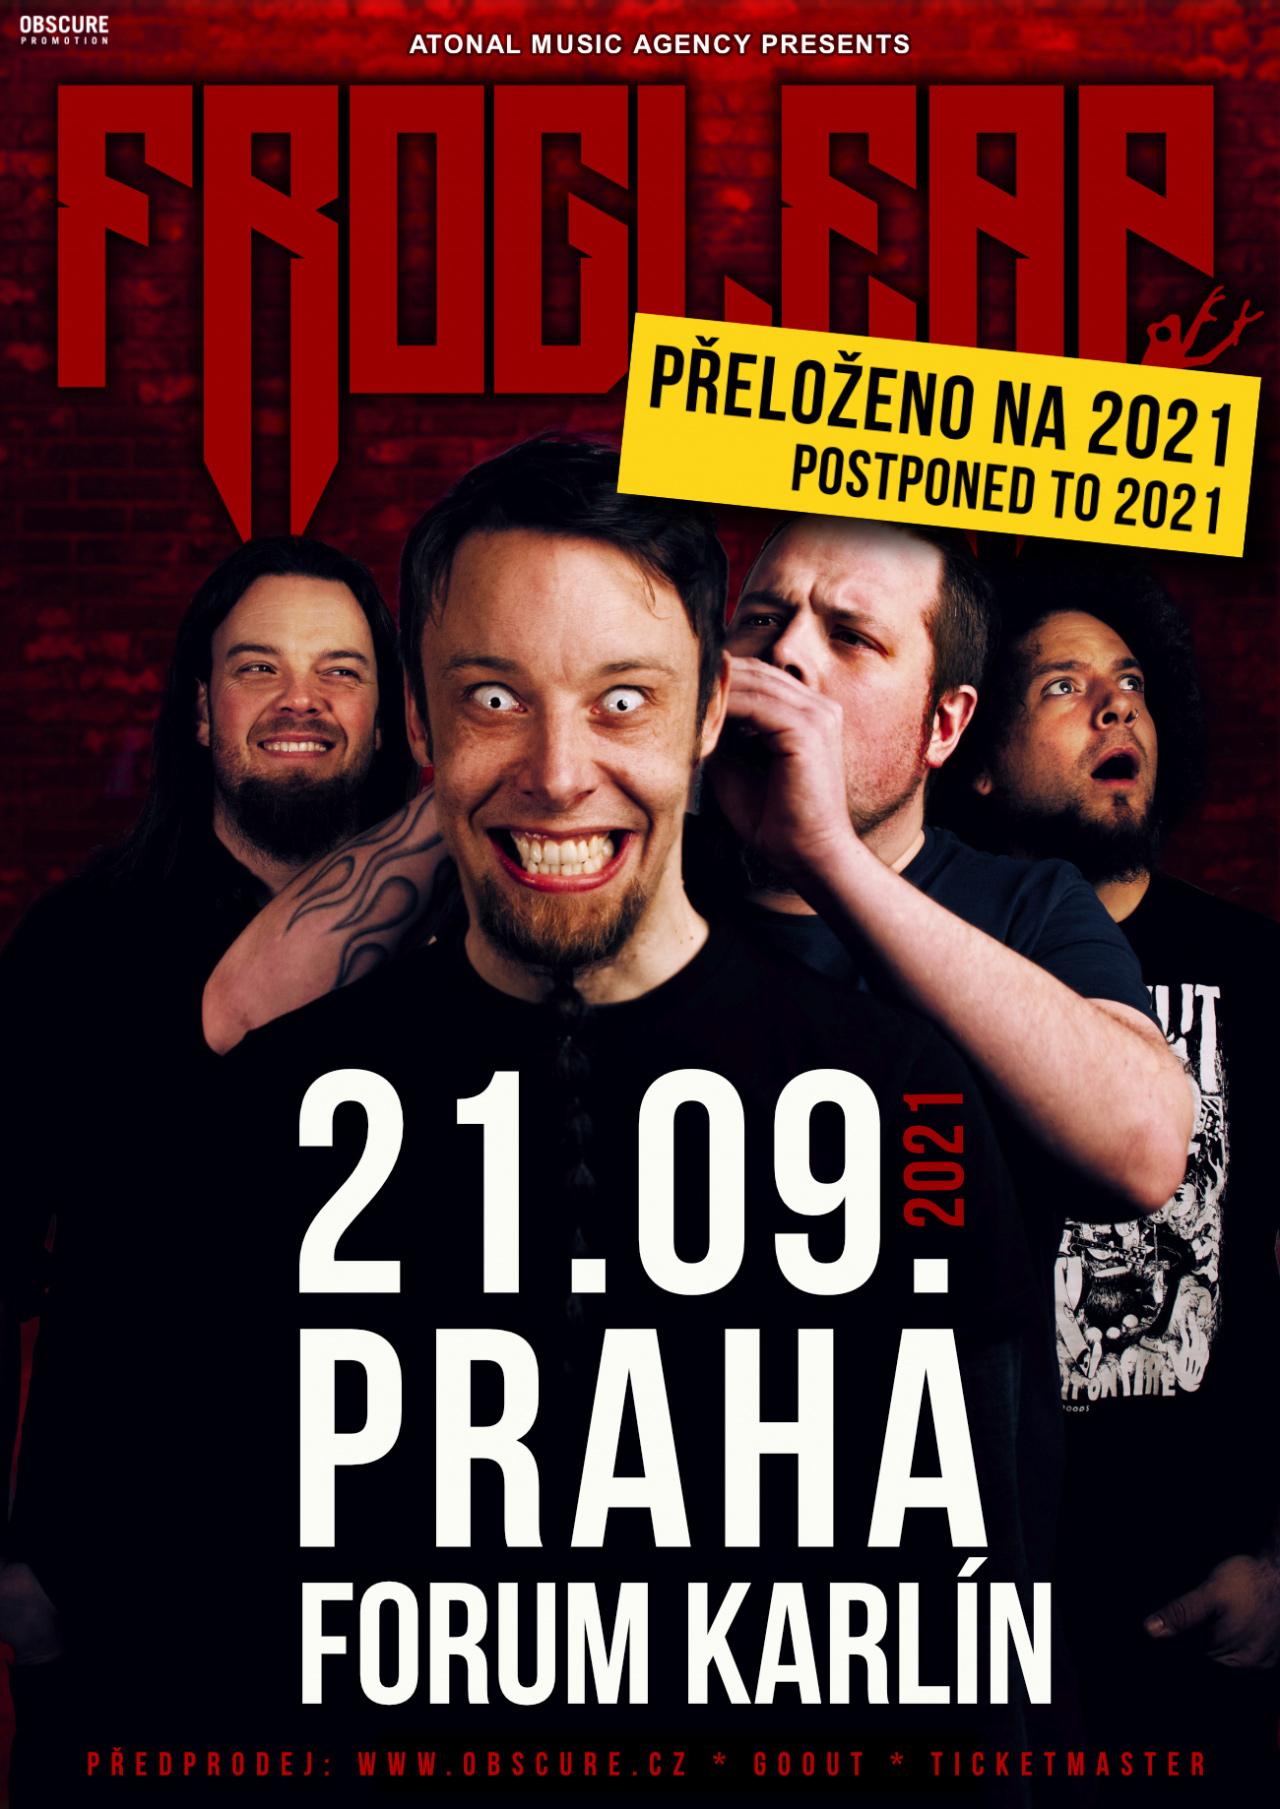 Leo Moracchioli a Frog Leap vystoupí v Praze 21. září 2021